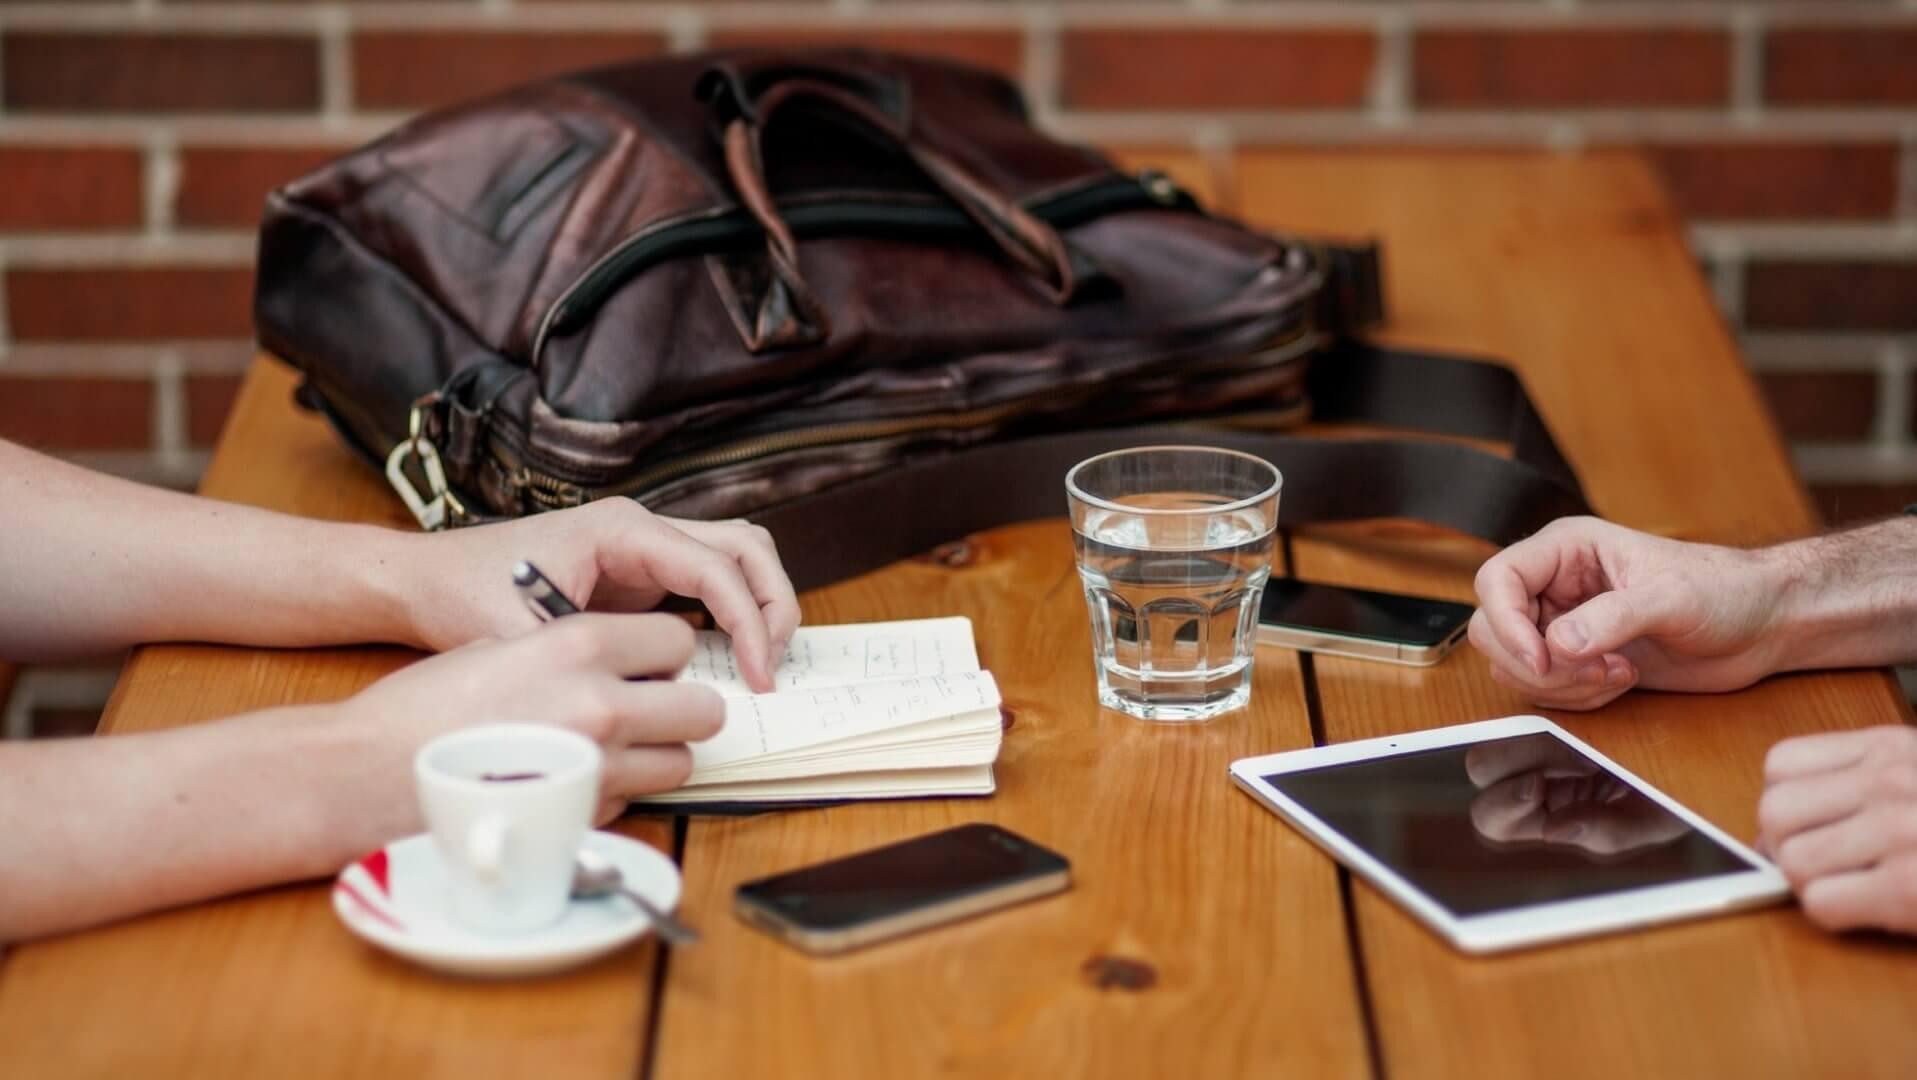 Ein Tisch mit Kaffeetassen und mobilen Endgeräten